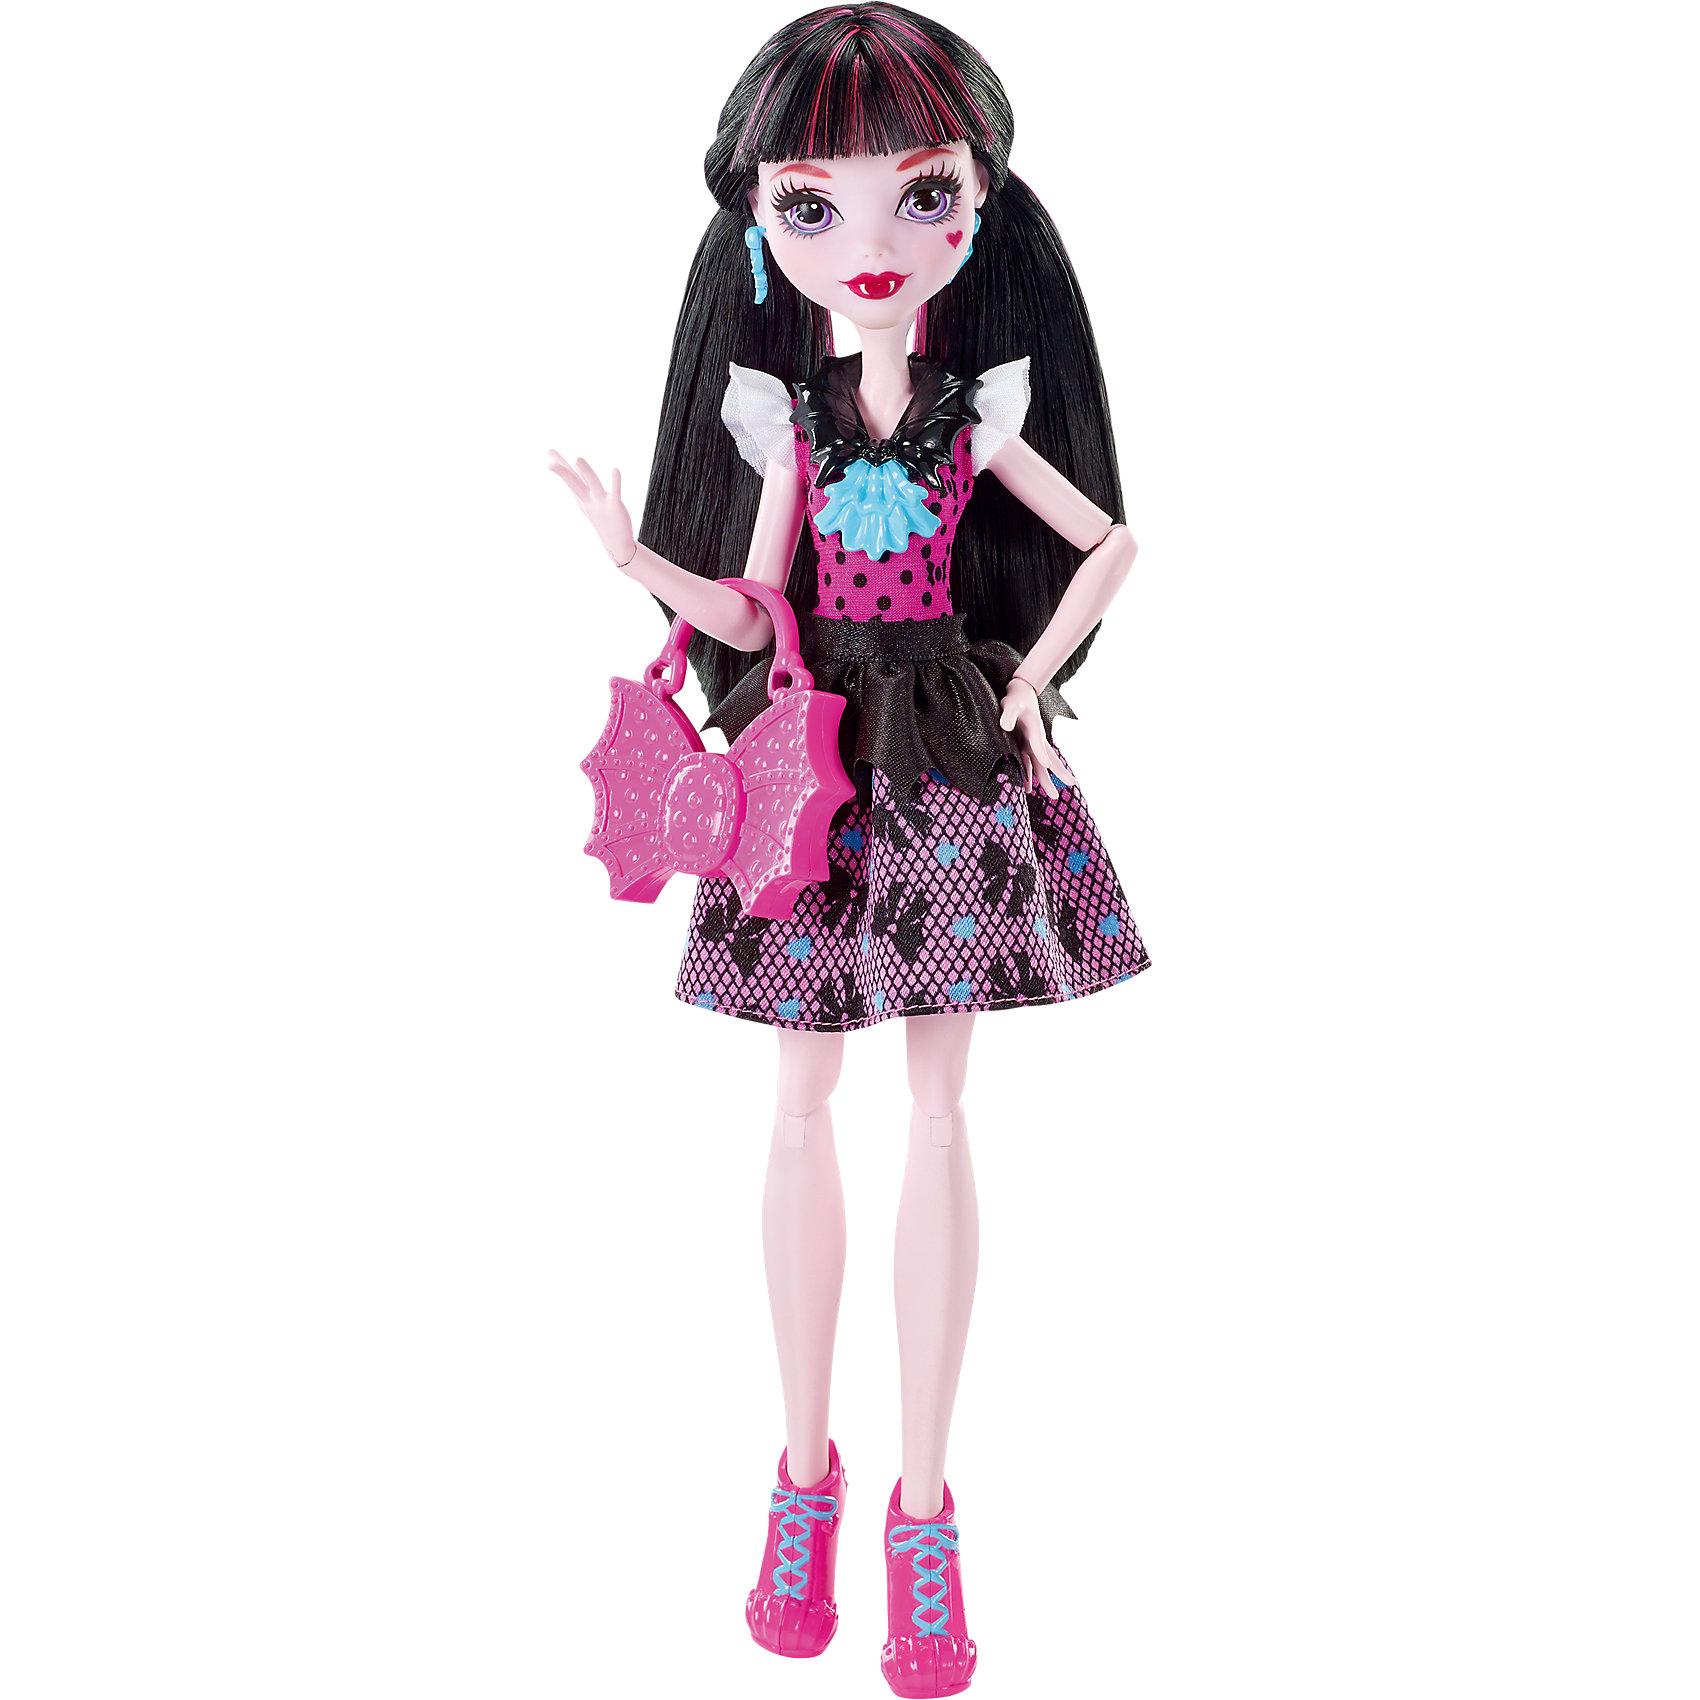 Кукла Дракулаура в модном наряде, Monster HighMonster High<br>Дракулаура - милая девочка, дочь графа Дракулы. На этот раз она красиво нарядилась для первого дня в школе Monster High. Кукла одета в оригинальное платье с принтом и стильные розовые ботиночки. Милая розовая сумочка в форме летучей мыши прекрасно дополняет образ юной леди.<br><br>Дополнительная информация:<br>Материал: пластик<br>Куклу Дракулауру можно купить в нашем интернет-магазине.<br><br>Ширина мм: 324<br>Глубина мм: 152<br>Высота мм: 66<br>Вес г: 204<br>Возраст от месяцев: 72<br>Возраст до месяцев: 120<br>Пол: Женский<br>Возраст: Детский<br>SKU: 4765346